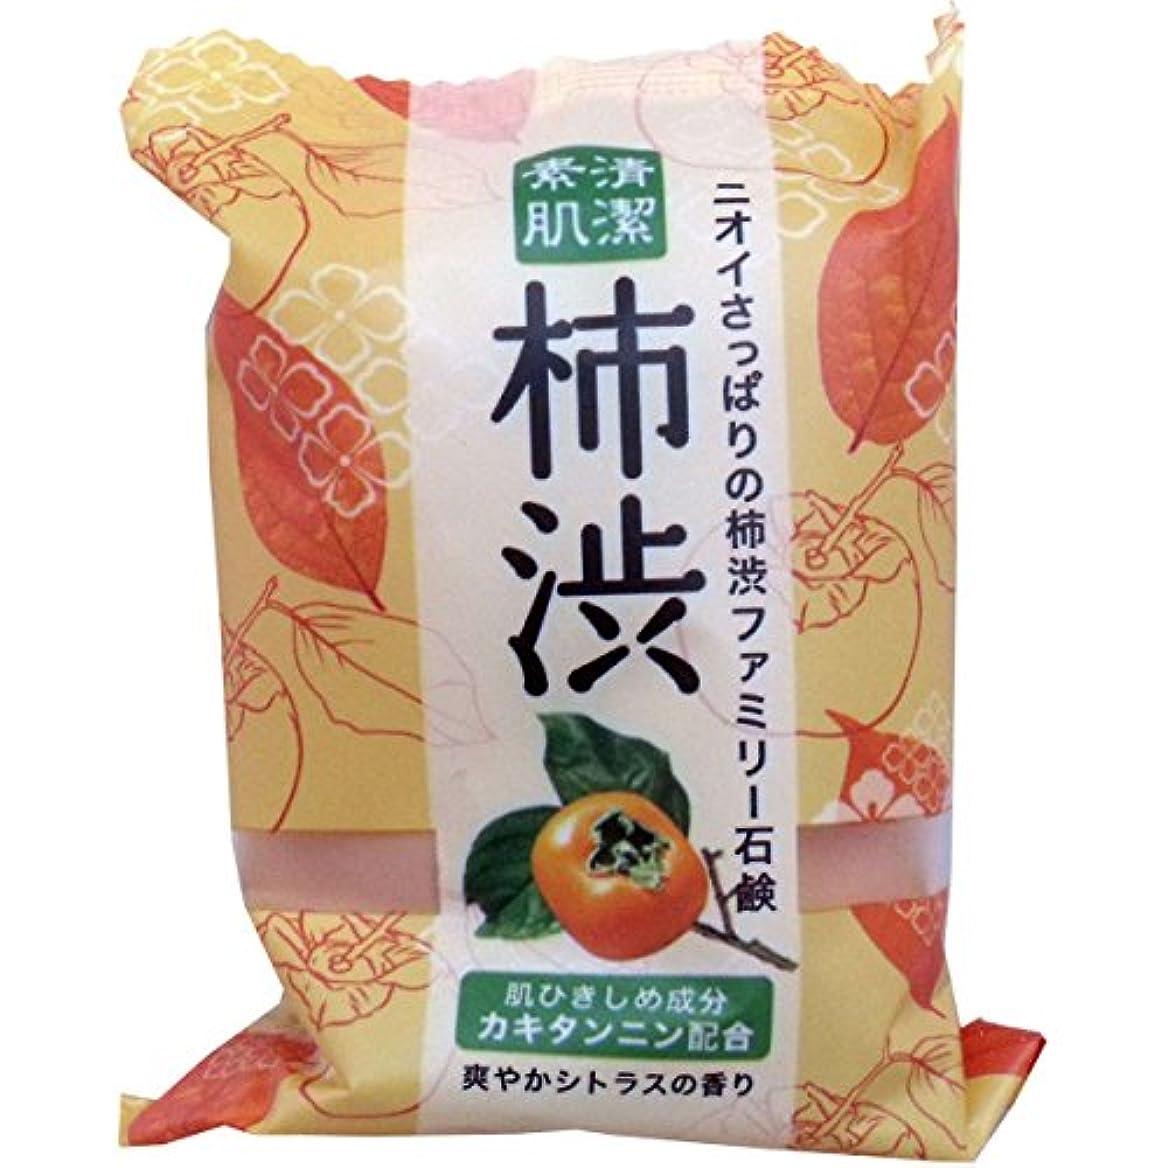 舌しつけ少しペリカン石鹸 ファミリー柿渋石鹸(1個)